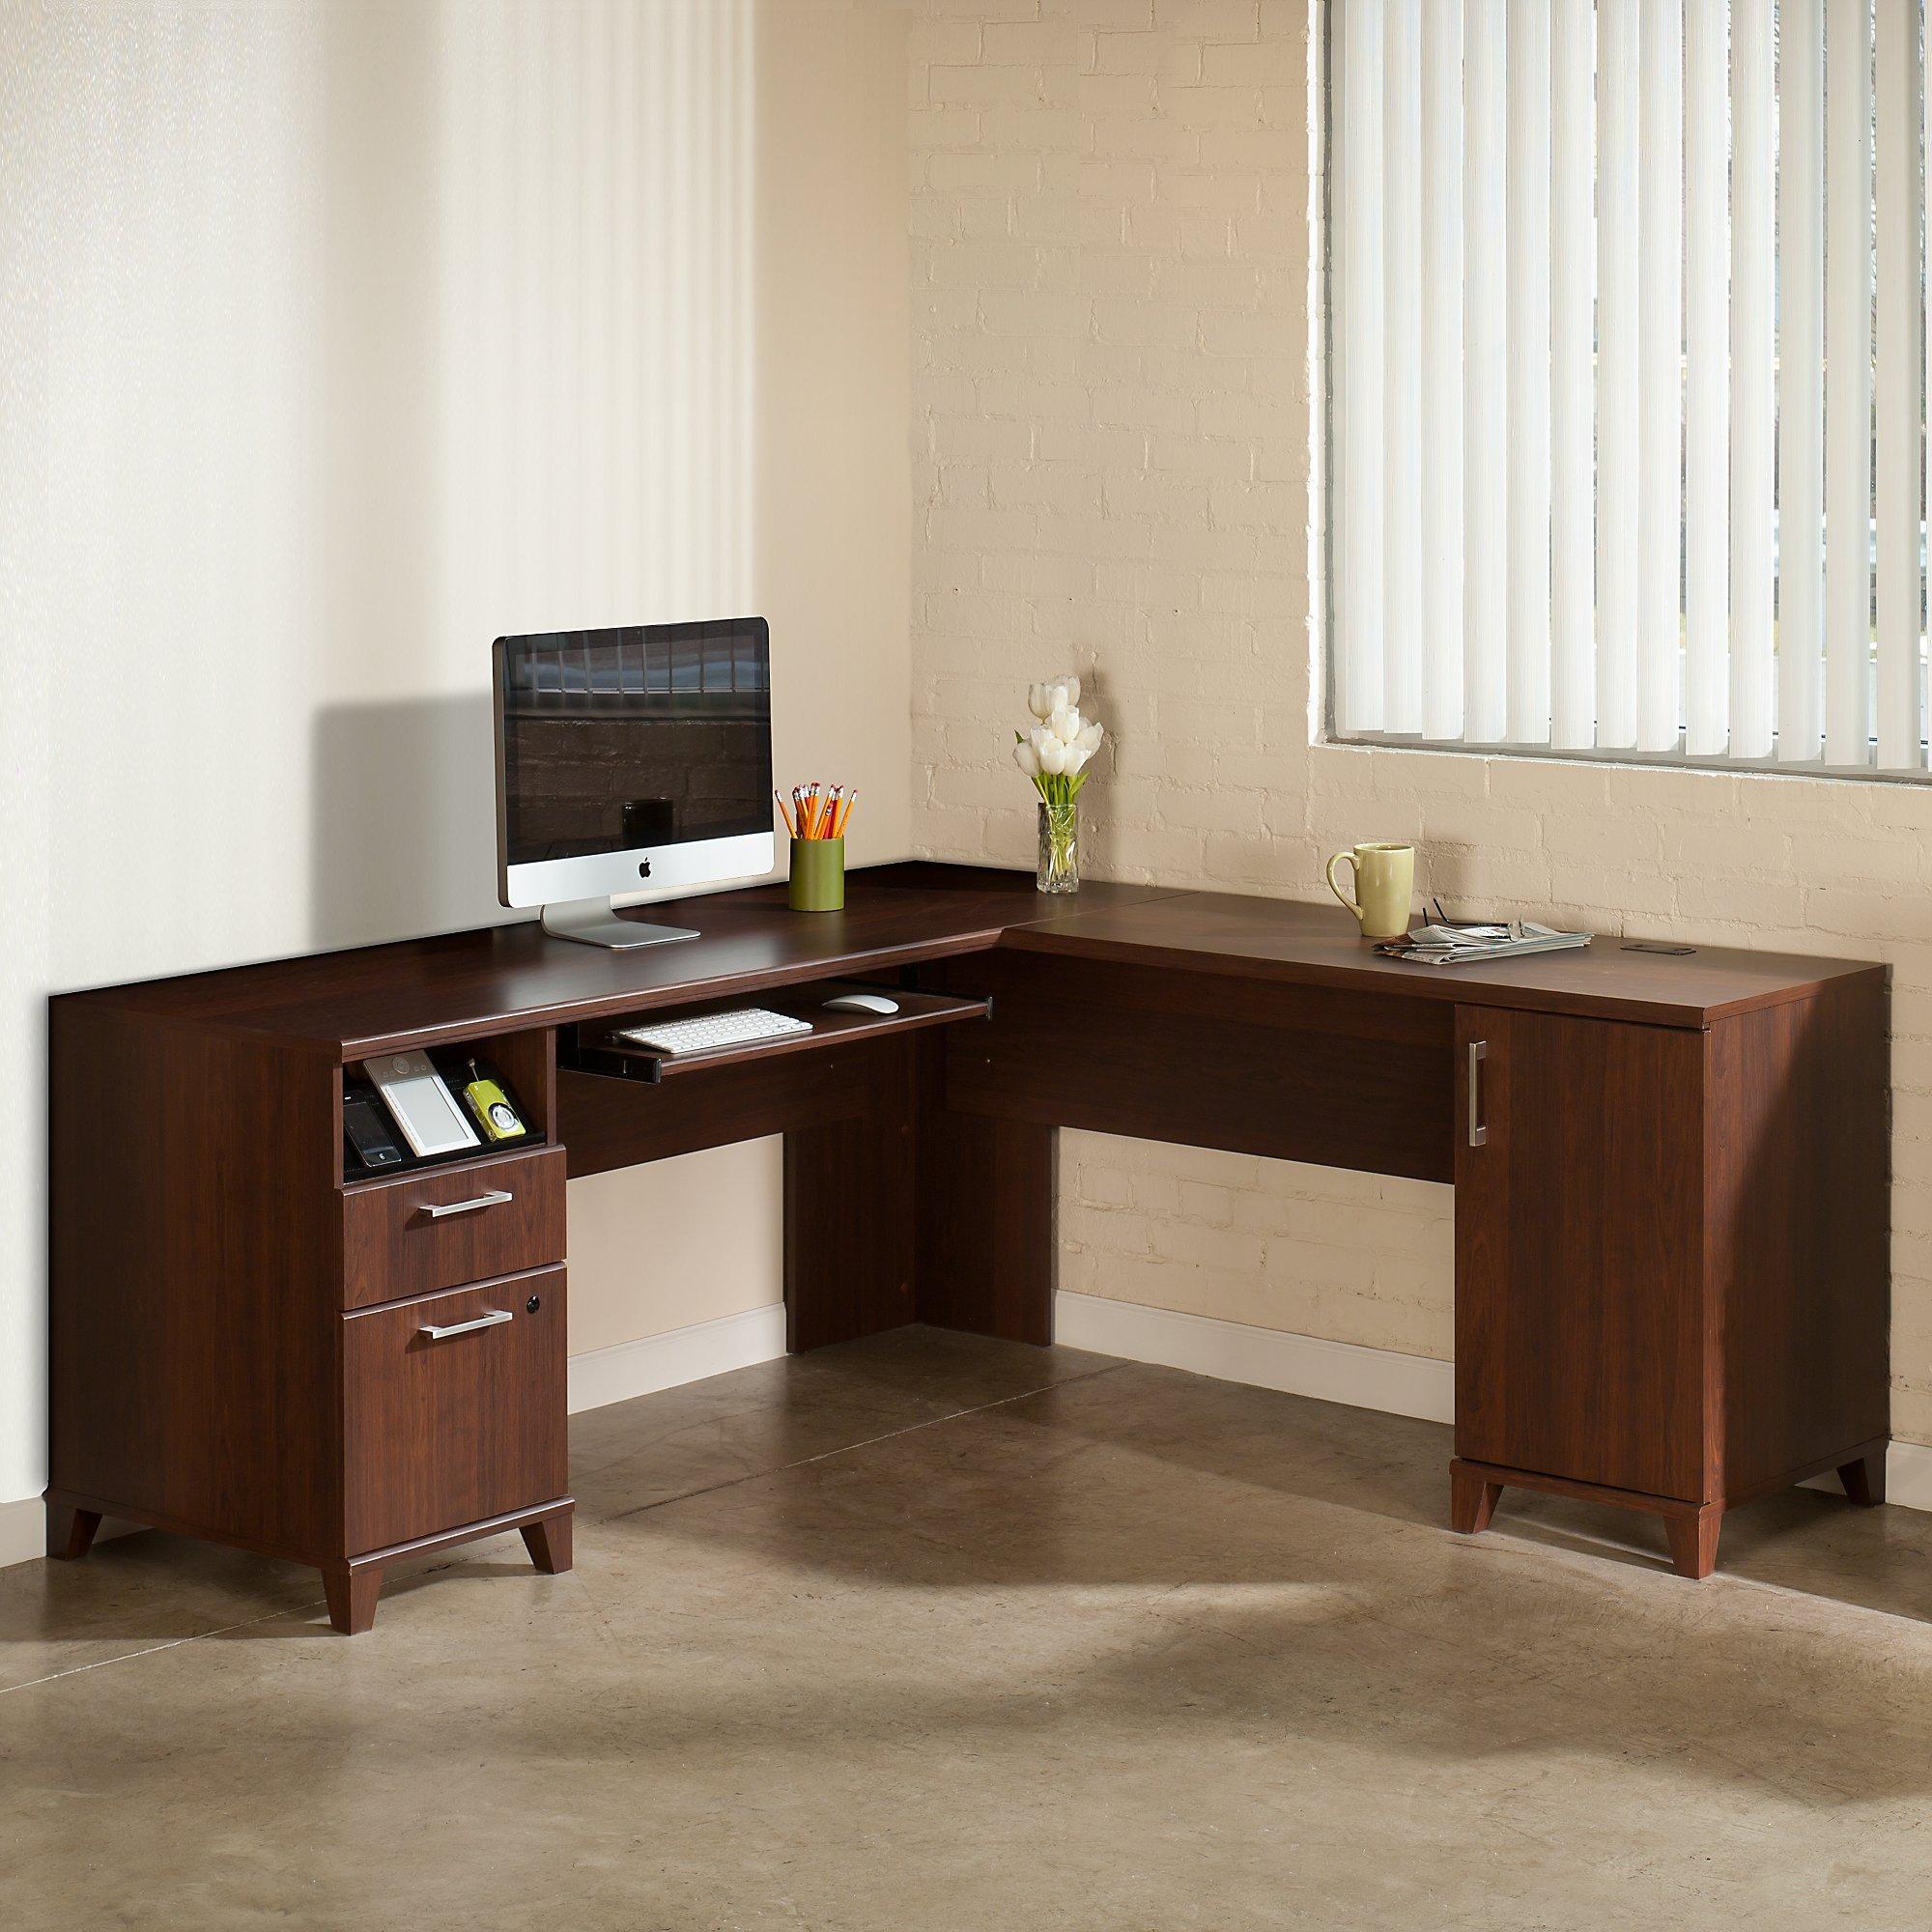 Achieve L Shaped Desk by Bush Furniture